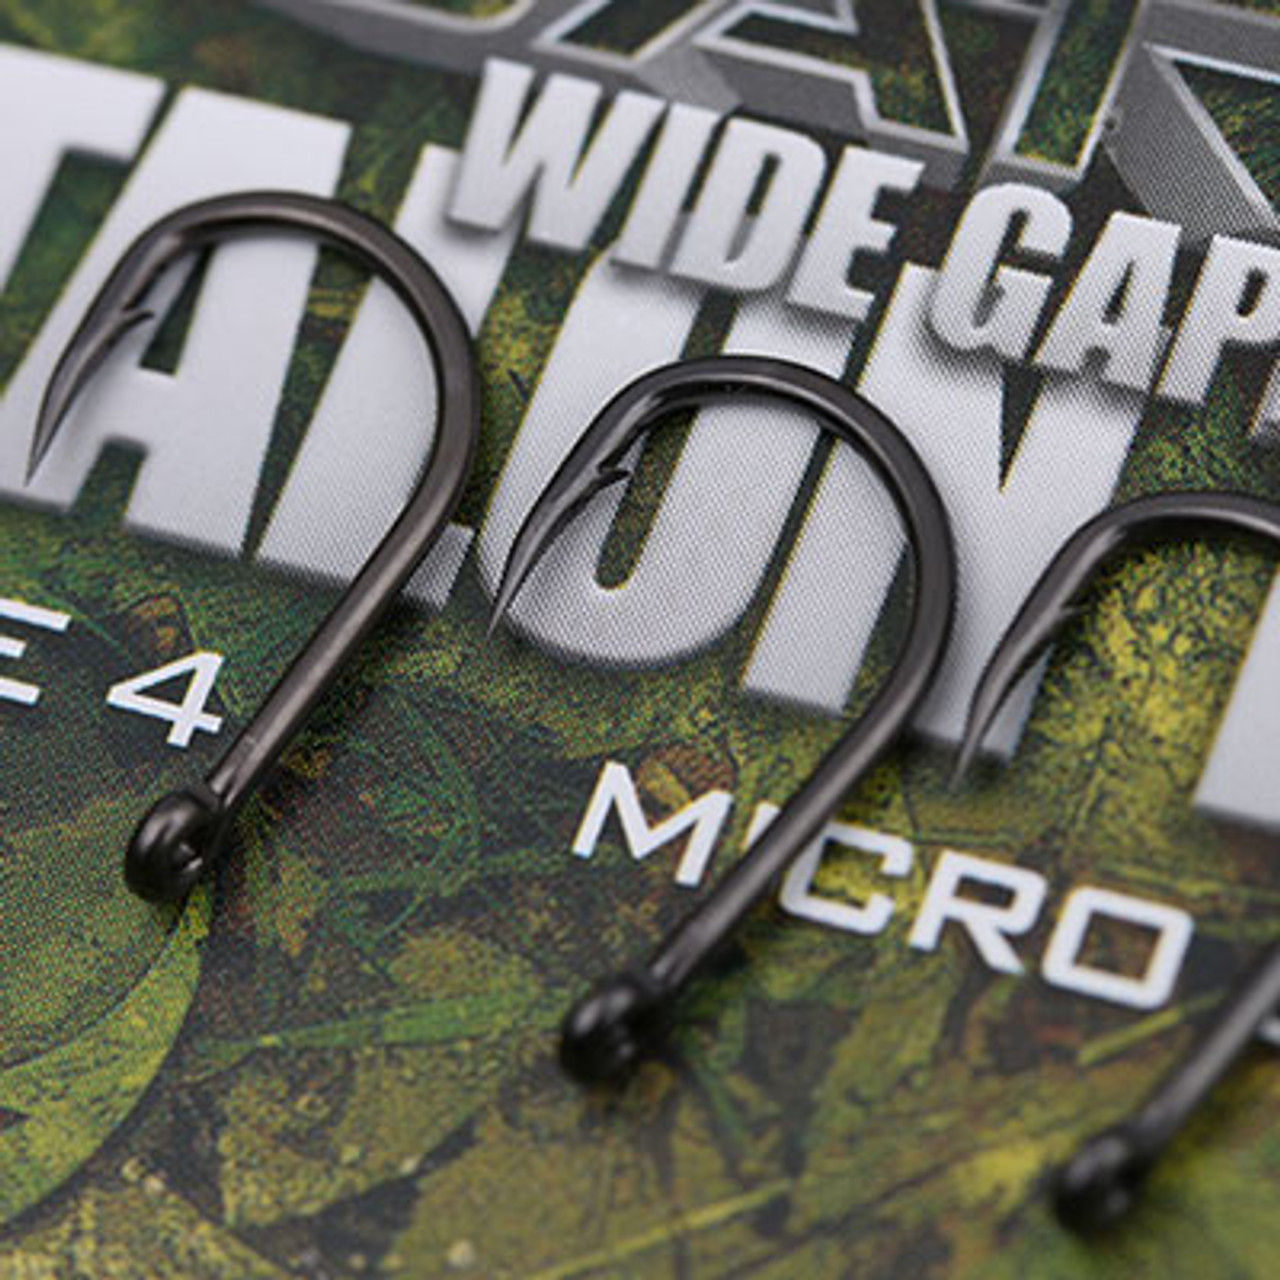 Gardner Covert Dark Wide Gape Talon Tip Hooks